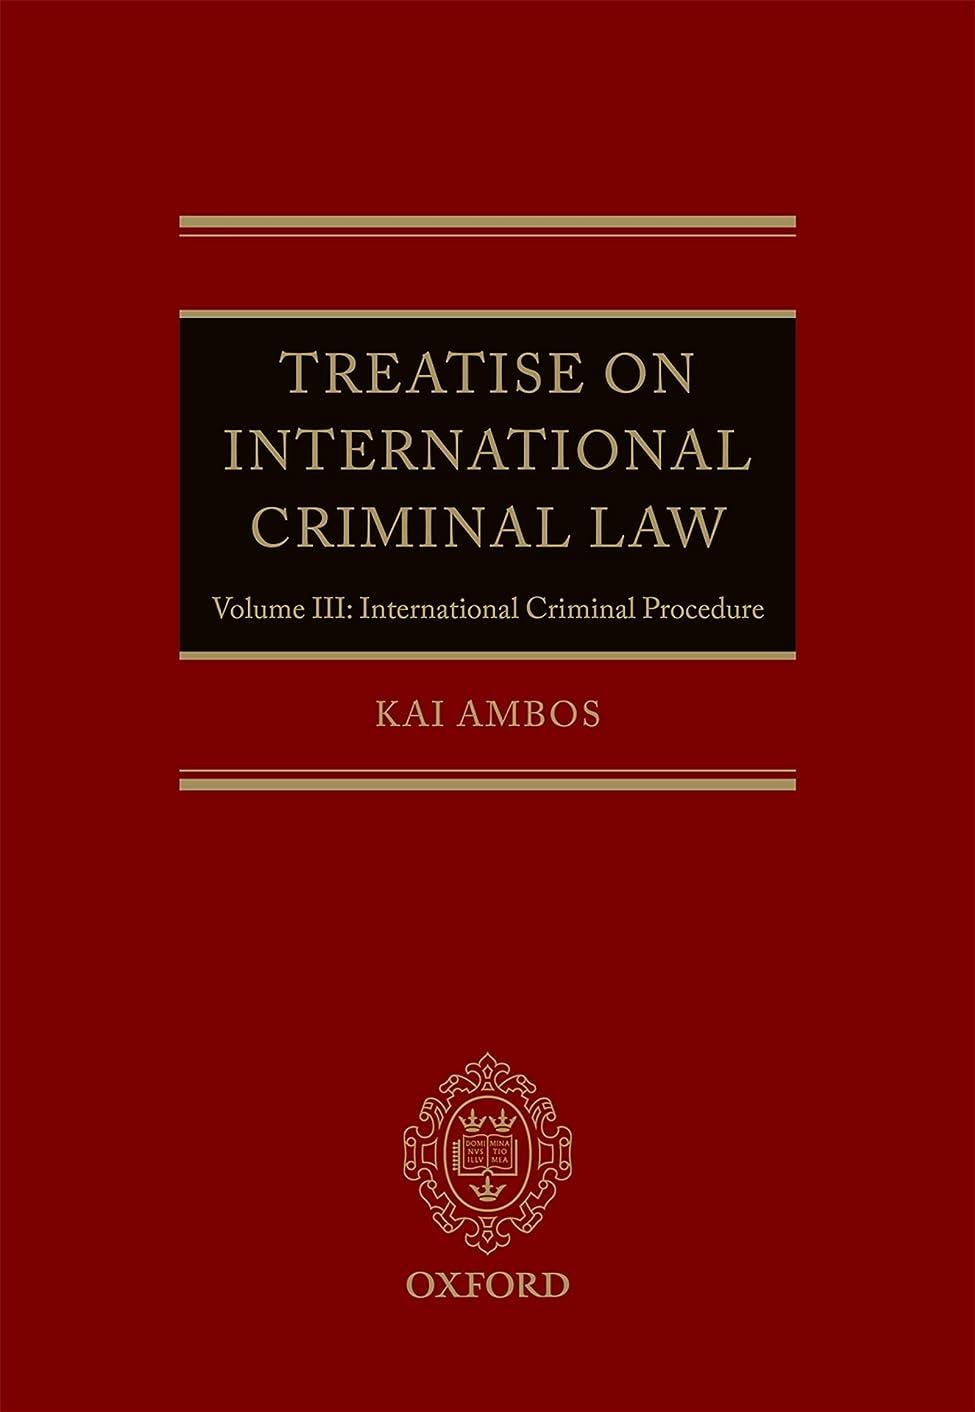 赤道スキッパー留まるTreatise on International Criminal Law: Volume III: International Criminal Procedure (English Edition)